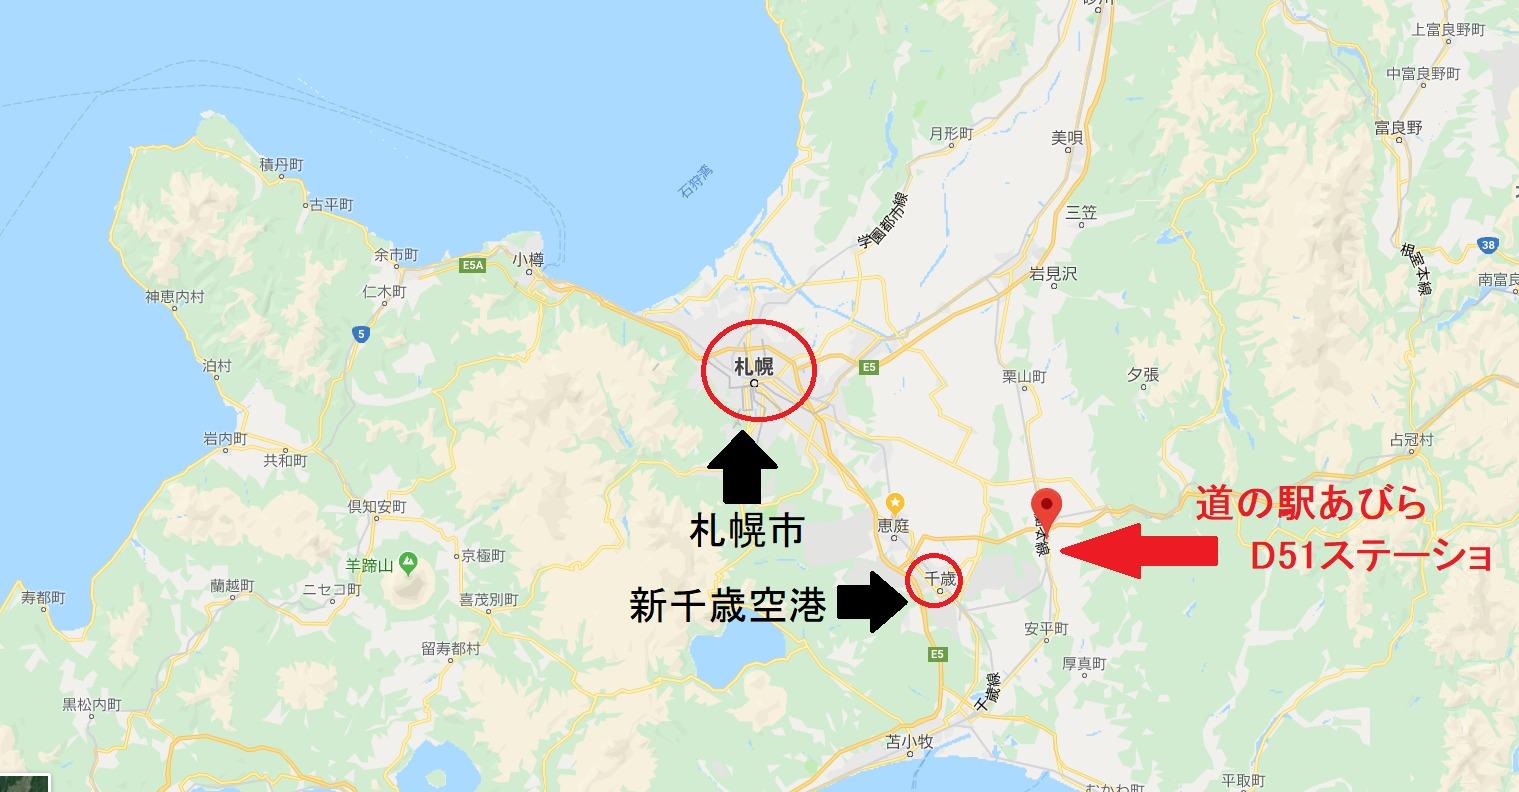 道の駅あびらD51ステーションの地図